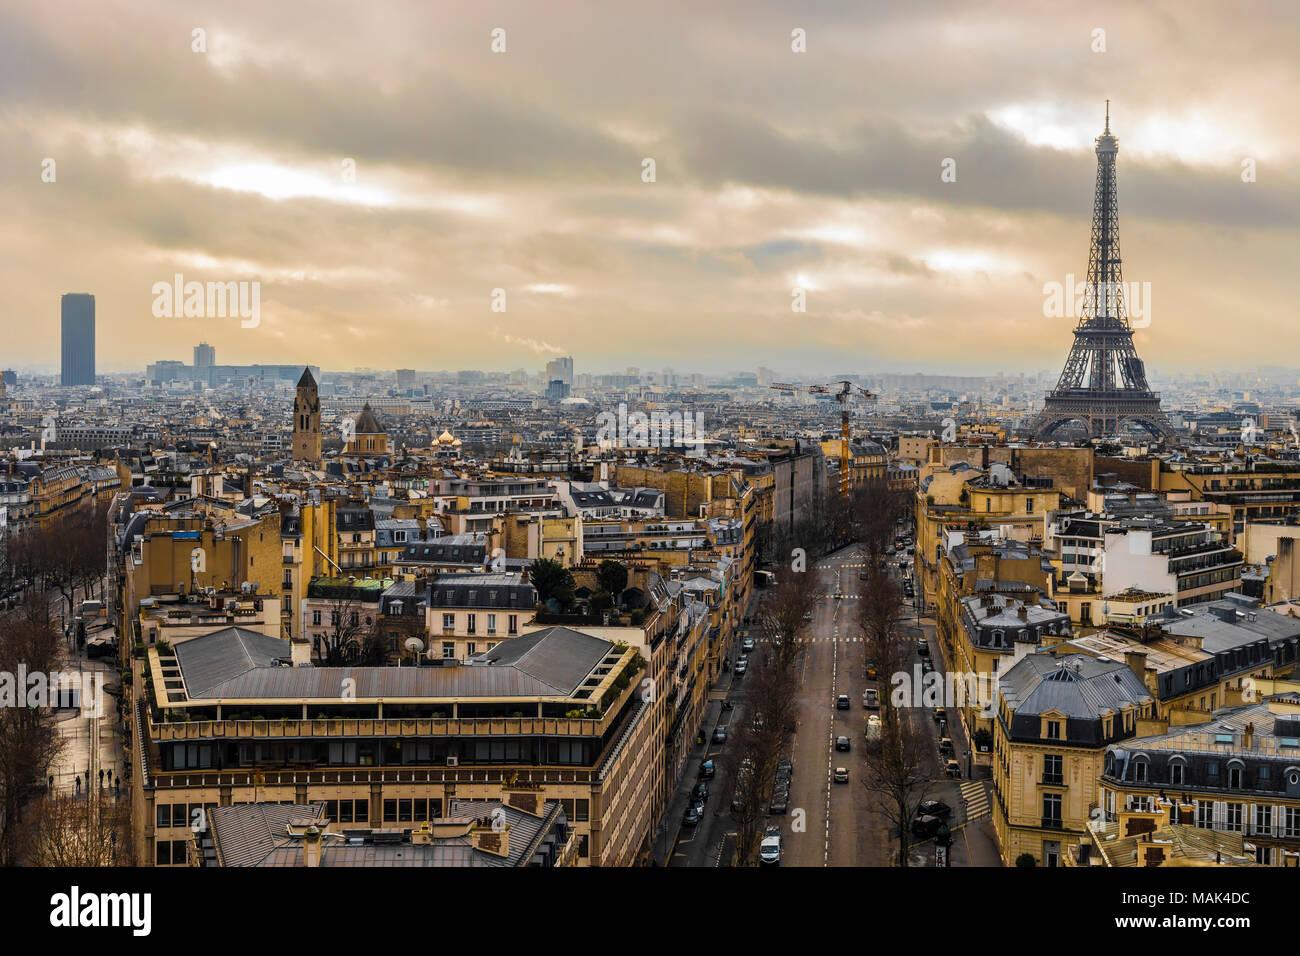 Eiffelturm nach einem regnerischen Tag in der romantischen Stadt Paris. Stockbild